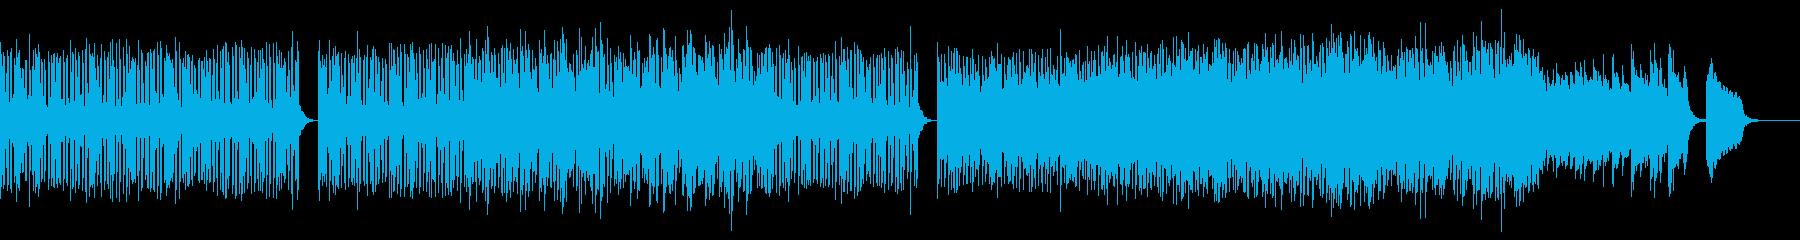 シンセサイザーとハッピーグルーヴが...の再生済みの波形